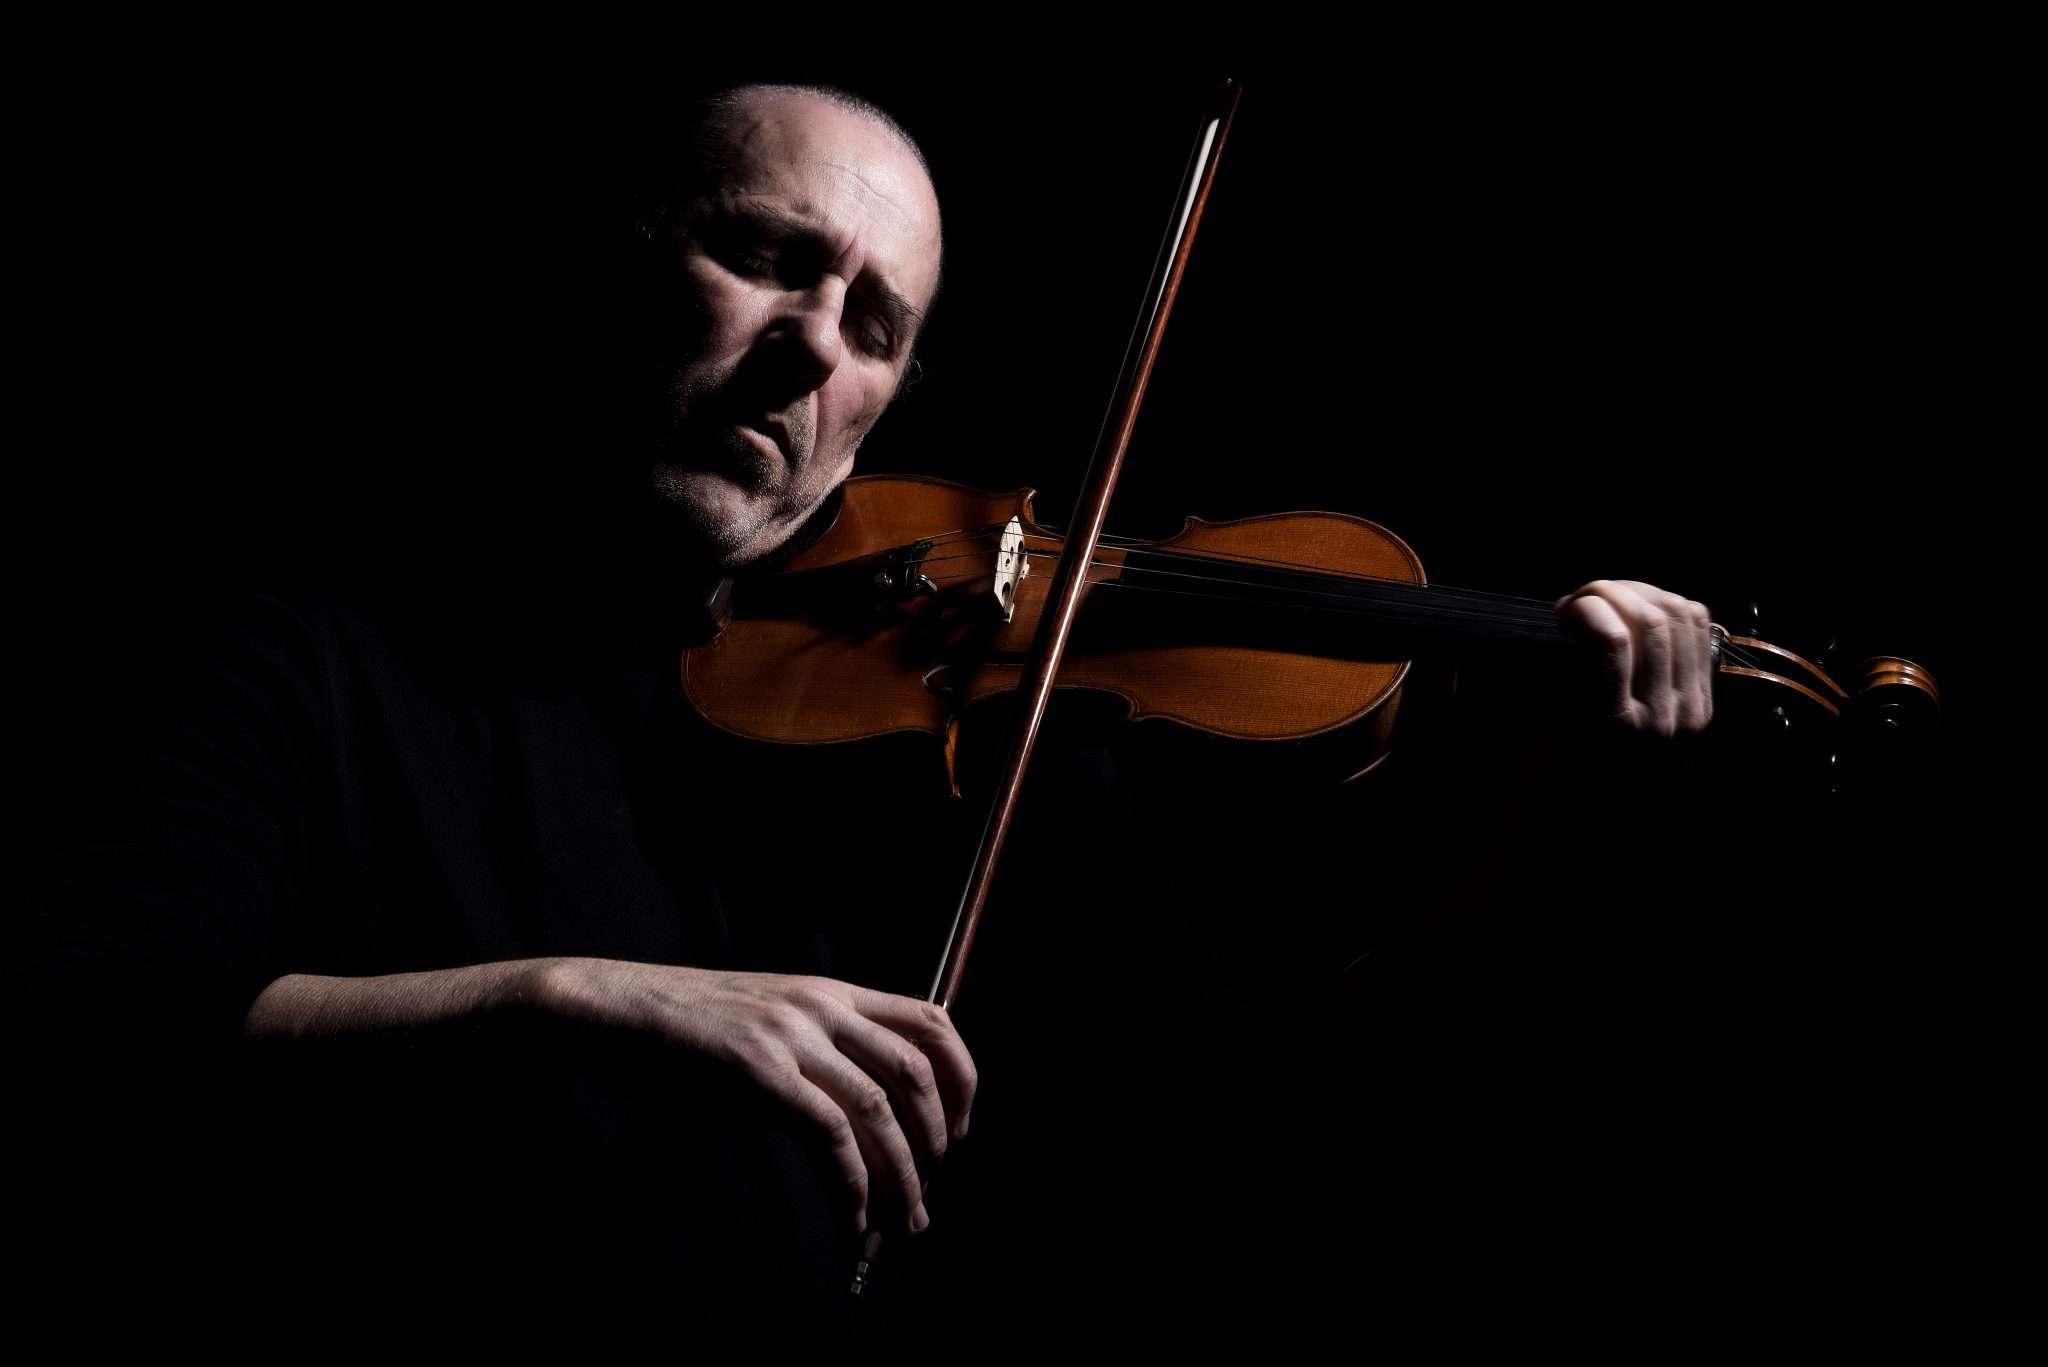 Fotografia musicista Lino Cannavacciuolo con violino realizzata da Barbara Trincone fotografa professionista a Napoli specializzata in fotografia musicale, ritratti per artisti, band, attori, cantanti, musicisti